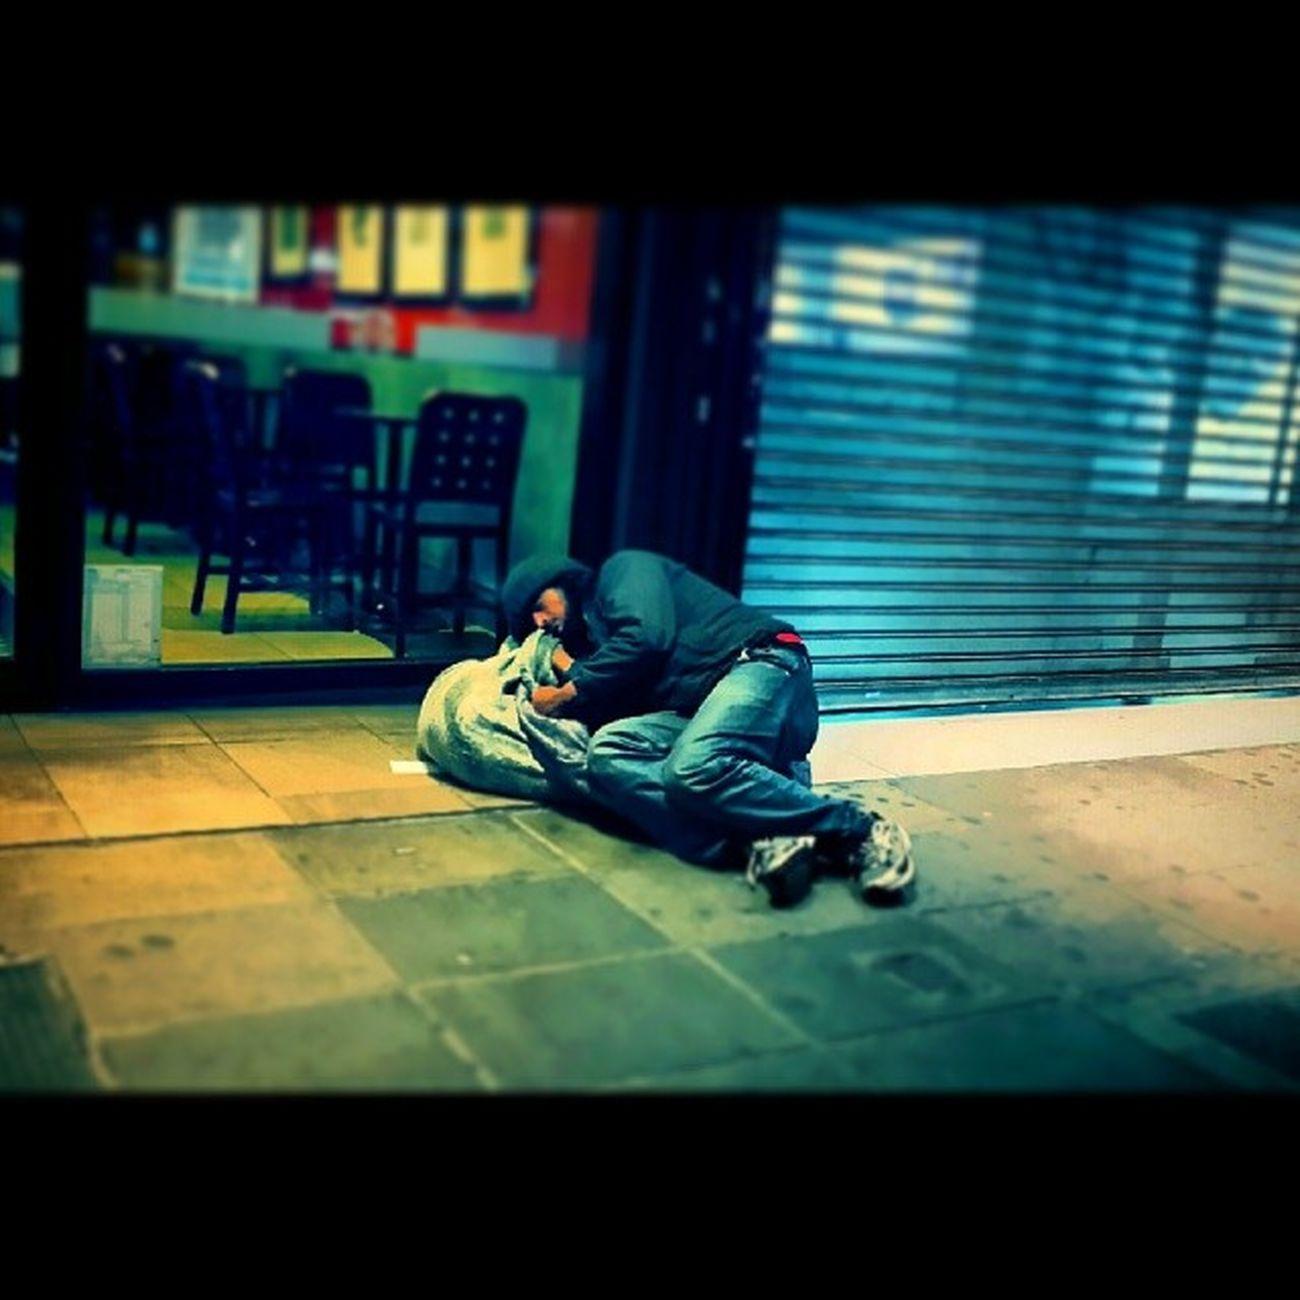 Homeless Sleeping Sleep Dormir durmiendo indigentes indigente street streers calle travel viajando viaje argentina baires buenosaires starbucks gente people traveling